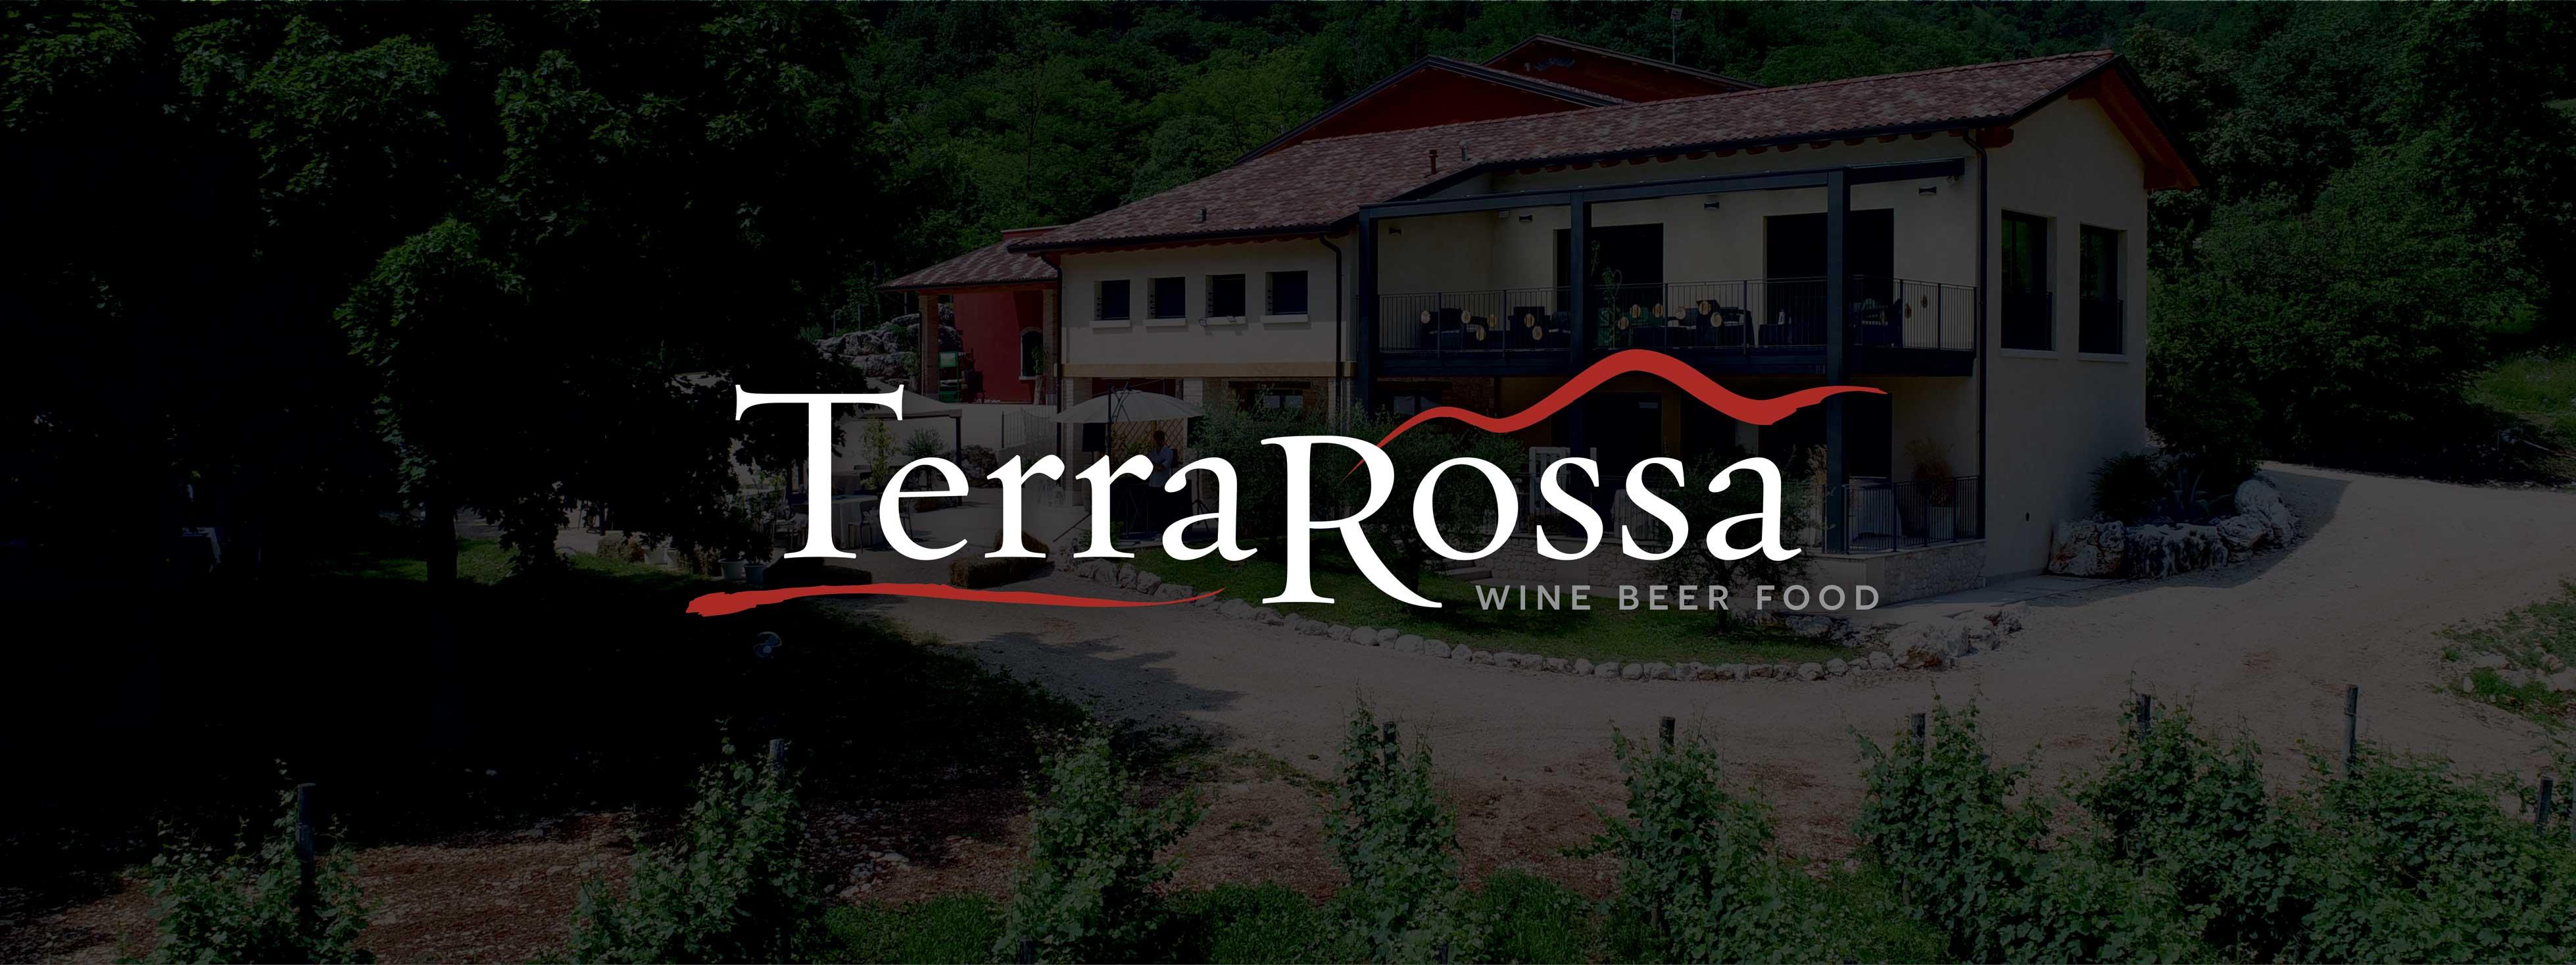 TerraRossa_agriturismo Caneva